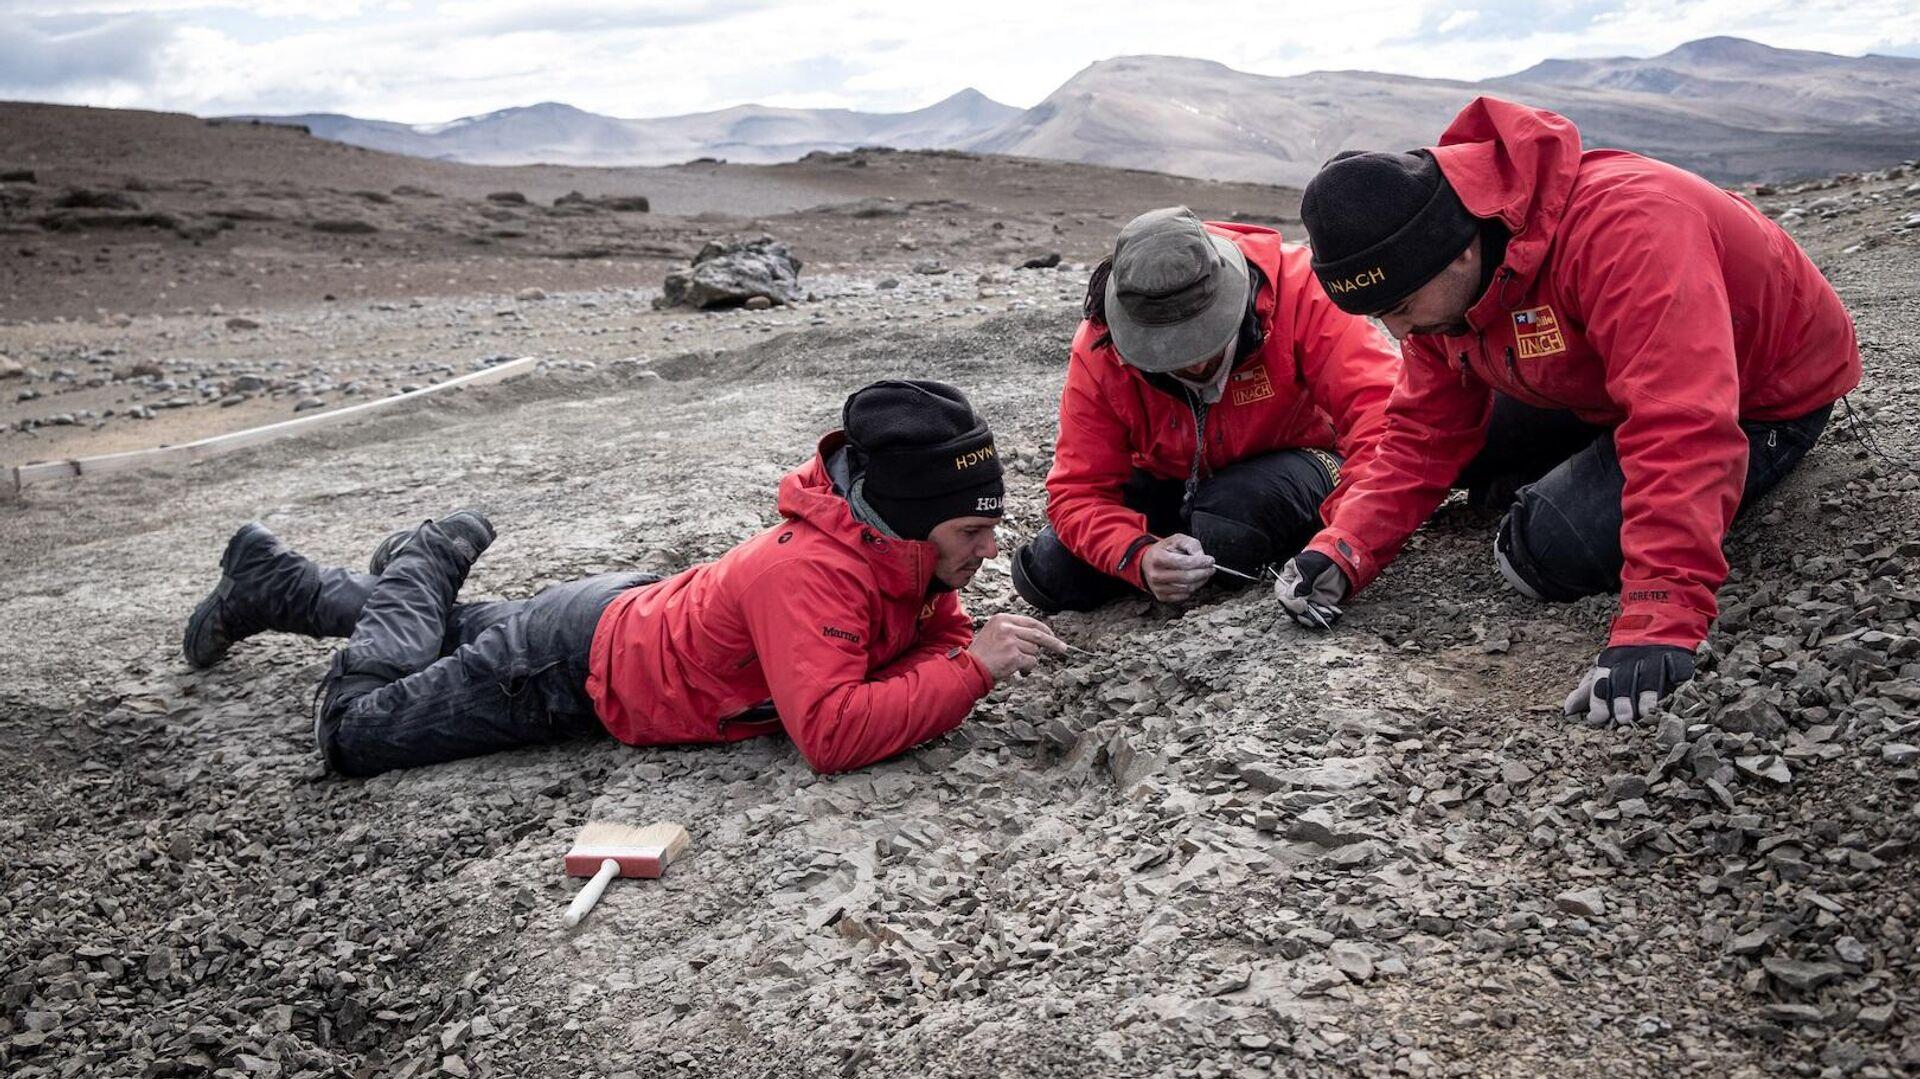 Prospecciones geológicas en Cerro Guido, en el Valle del Río de las Chinas, en Región de Magallanes  - Sputnik Mundo, 1920, 16.04.2021